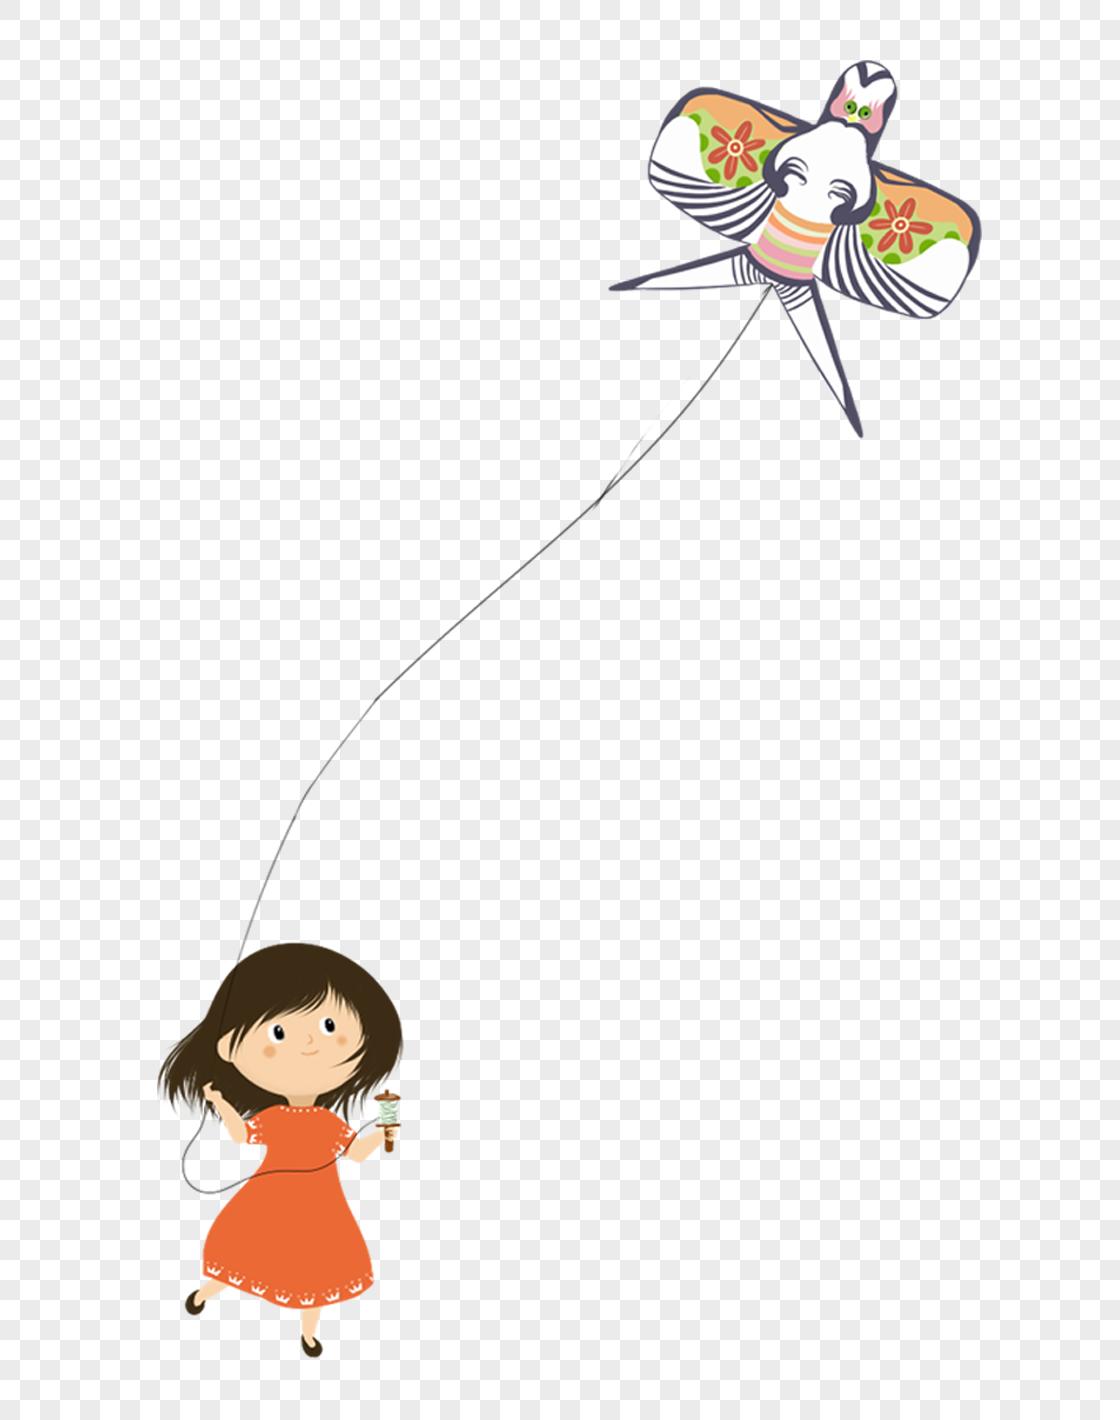 放风筝 简笔画 小女孩 小女孩在放风筝简笔画